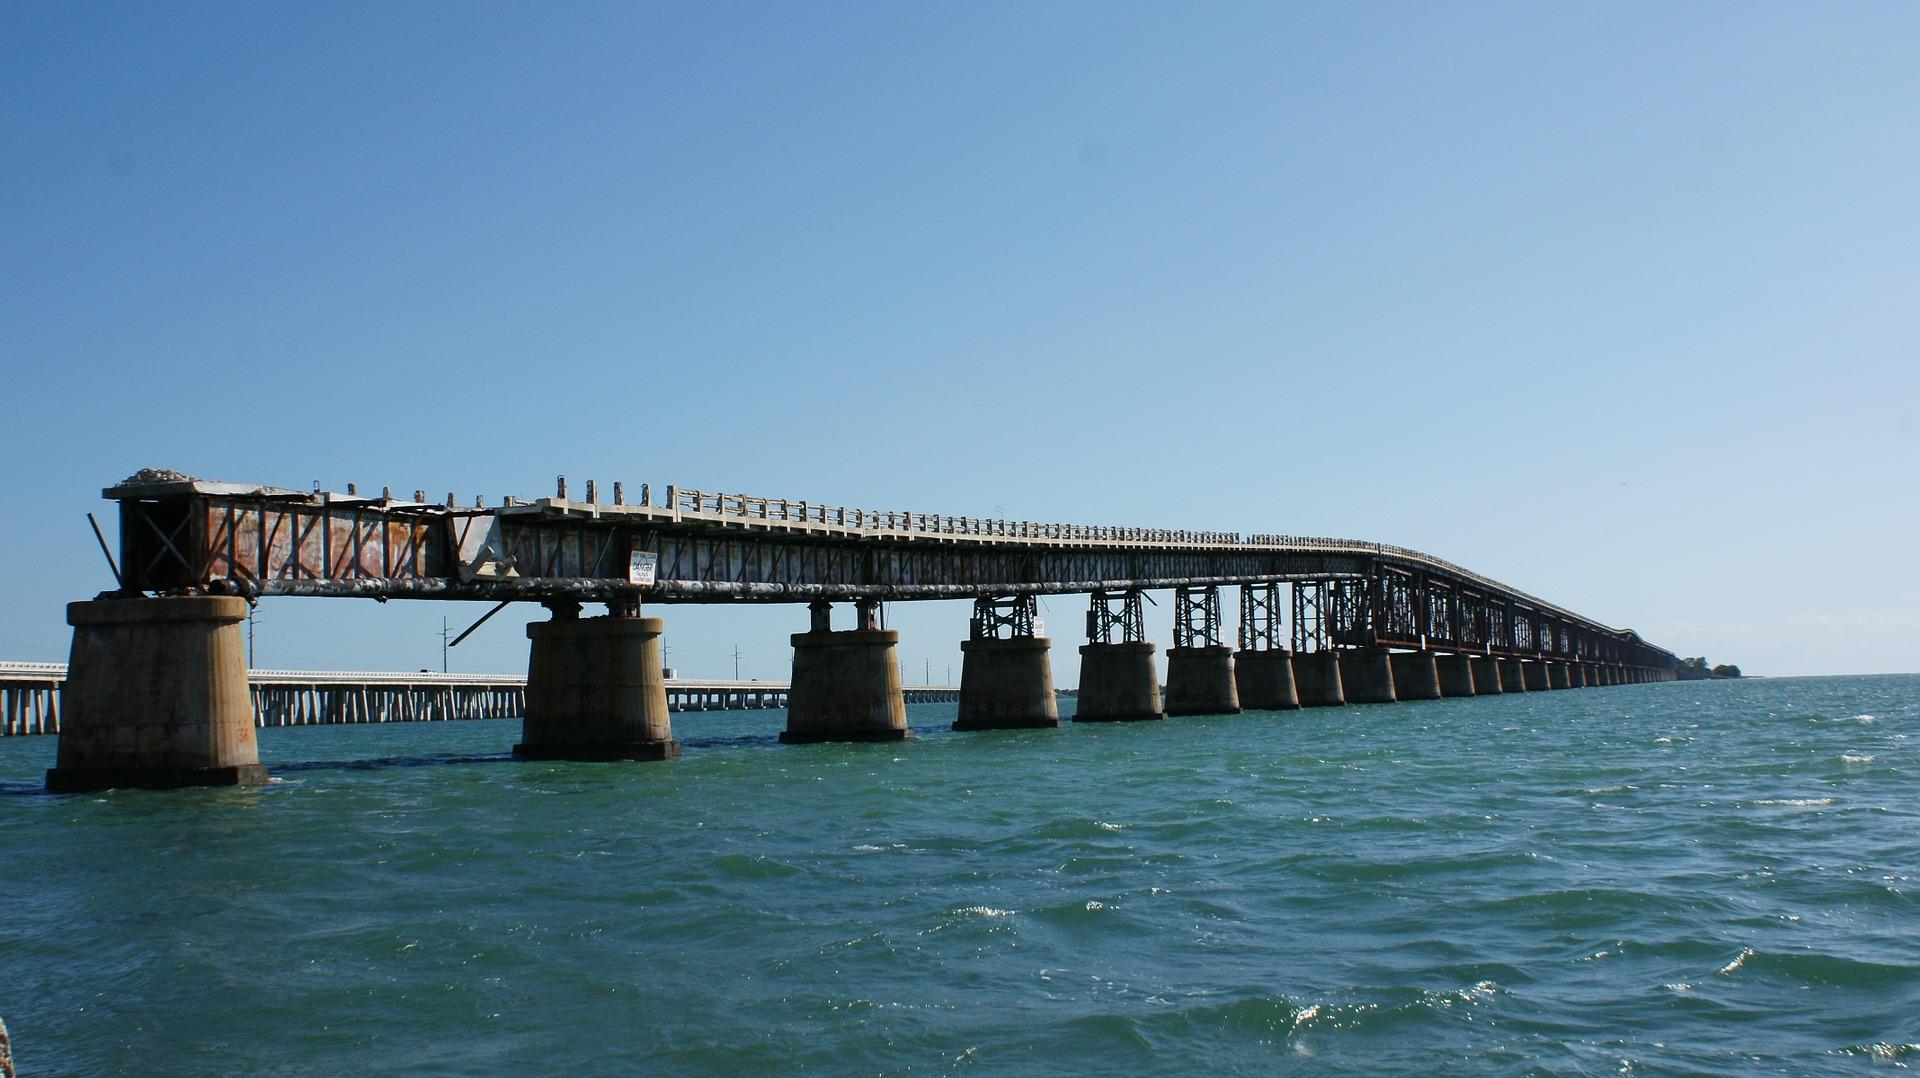 フロリダキーズ諸島満喫!マングローブのトンネルでカヤッキング、絶景7マイルブリッジ・ドライブと巨大魚ターポン餌付体験